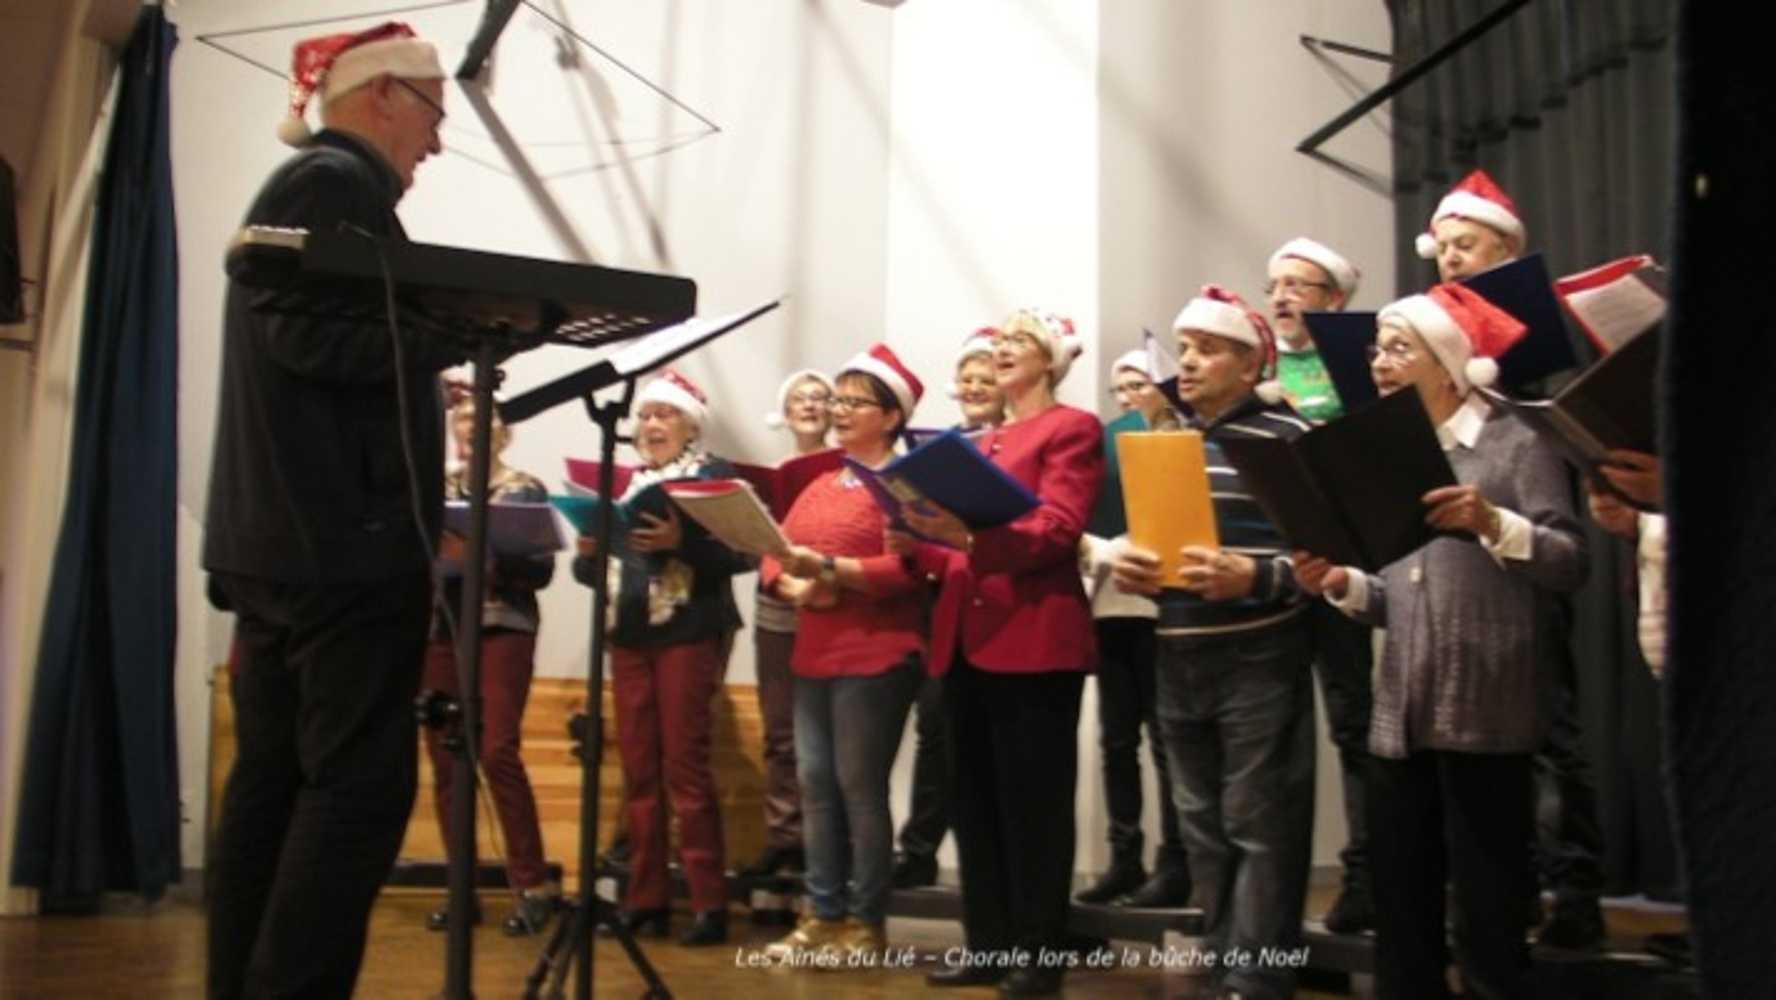 Photos de la chorale des Aînés du Lié à la bûche de Noël 0